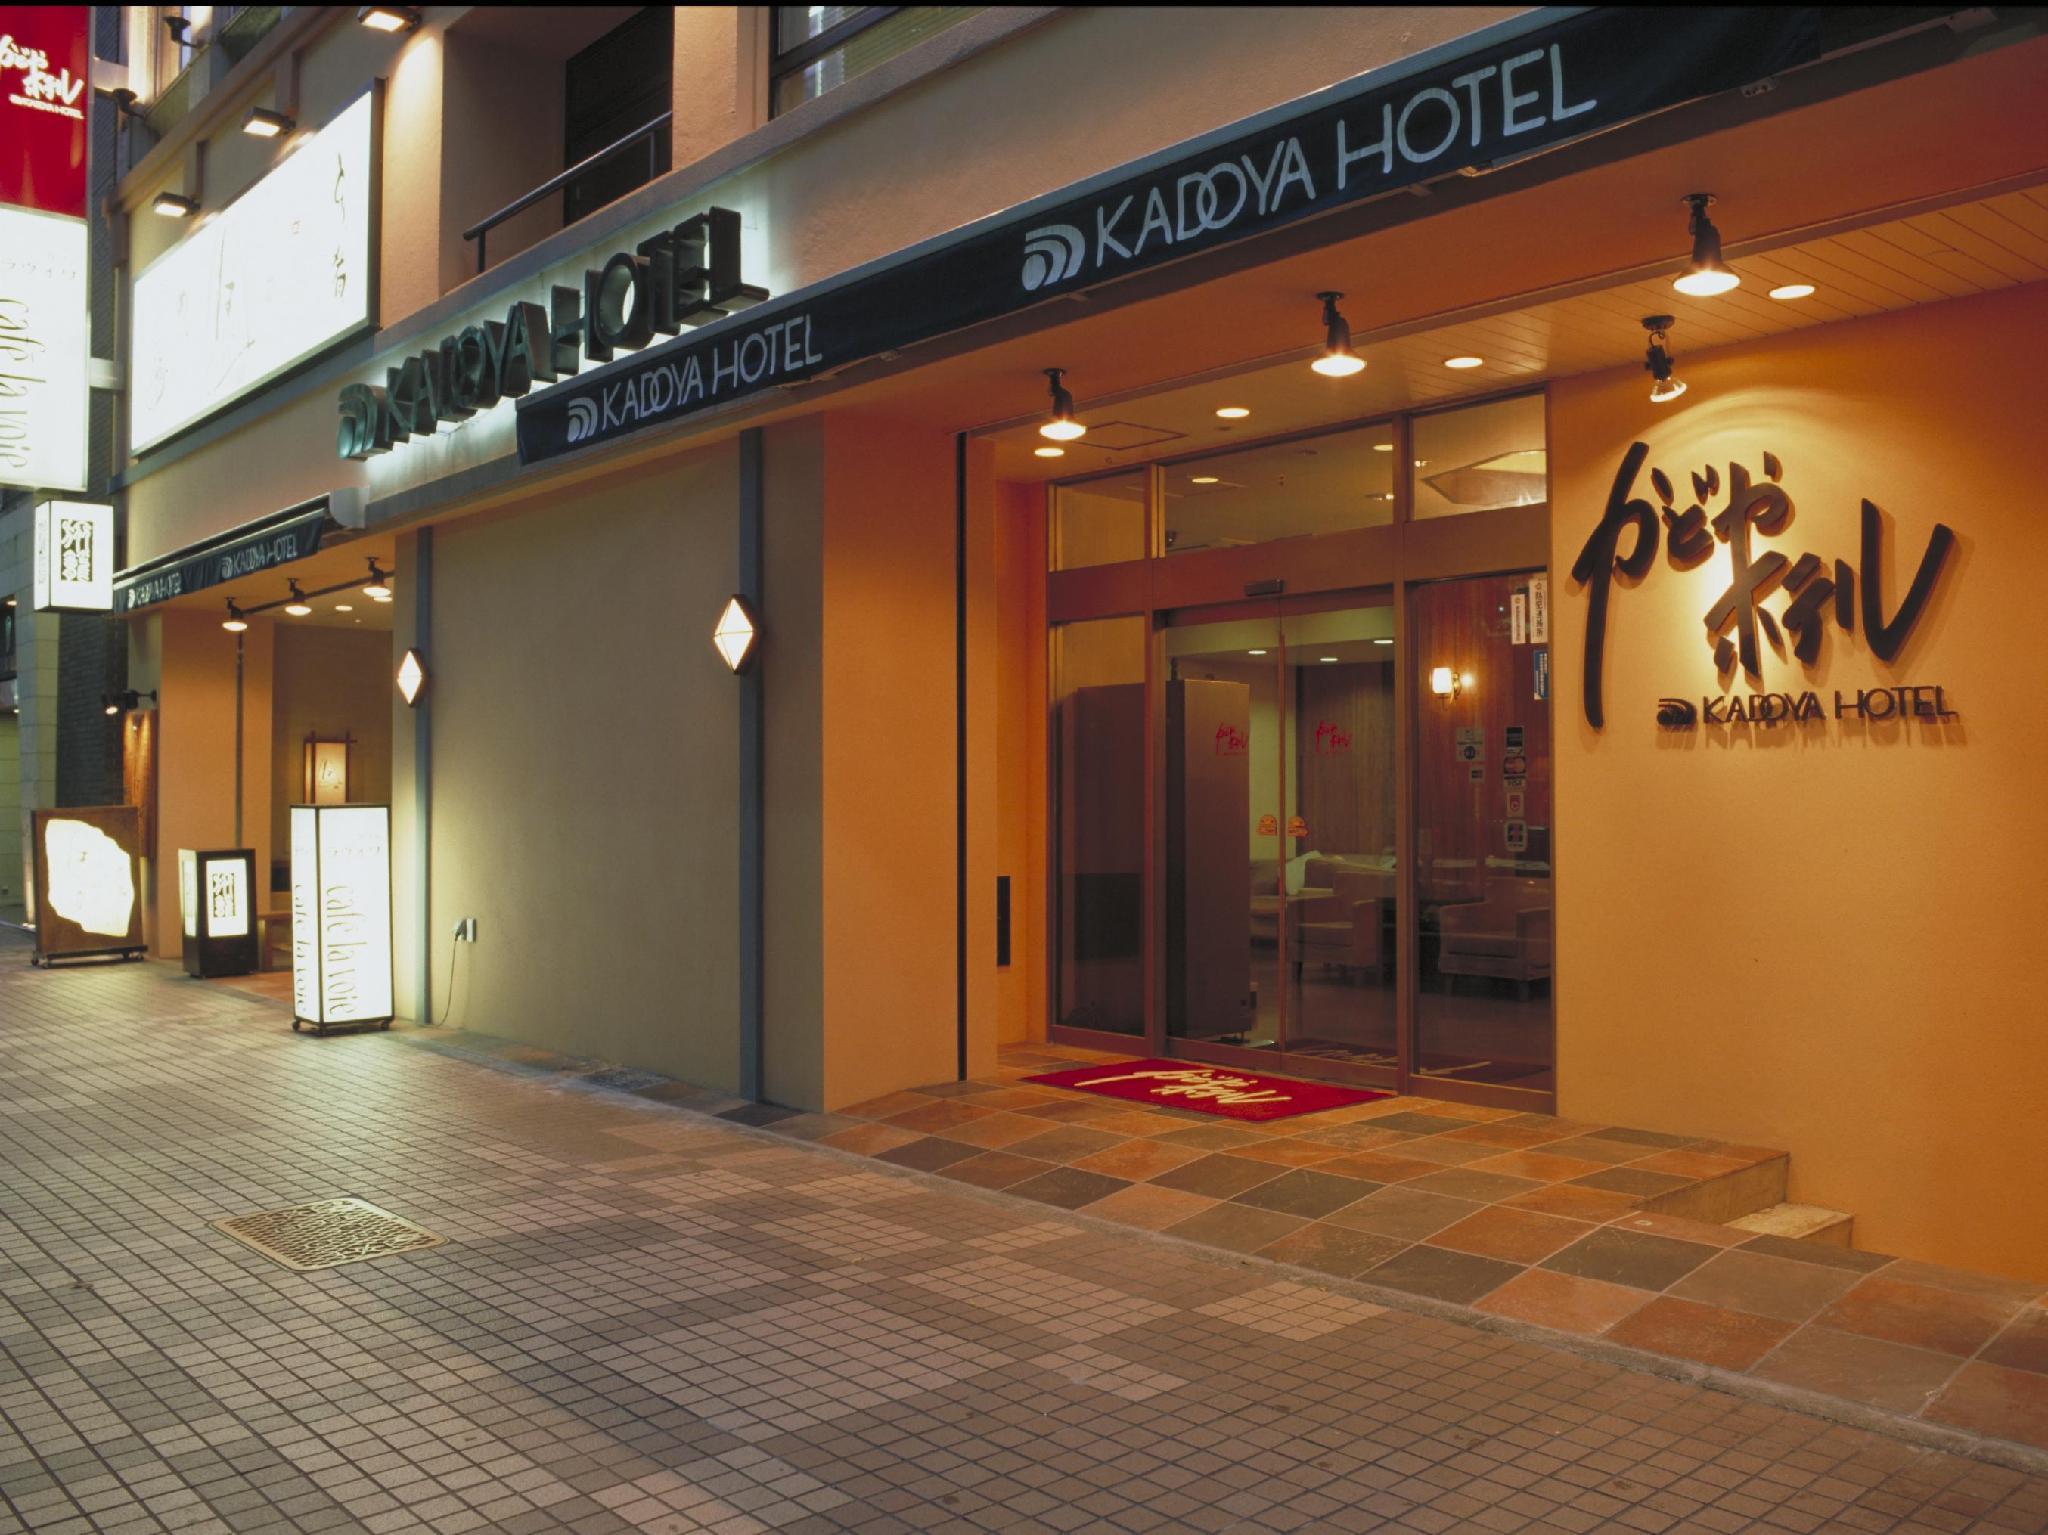 背包客推薦訂房角屋飯店(Kadoya Hotel)